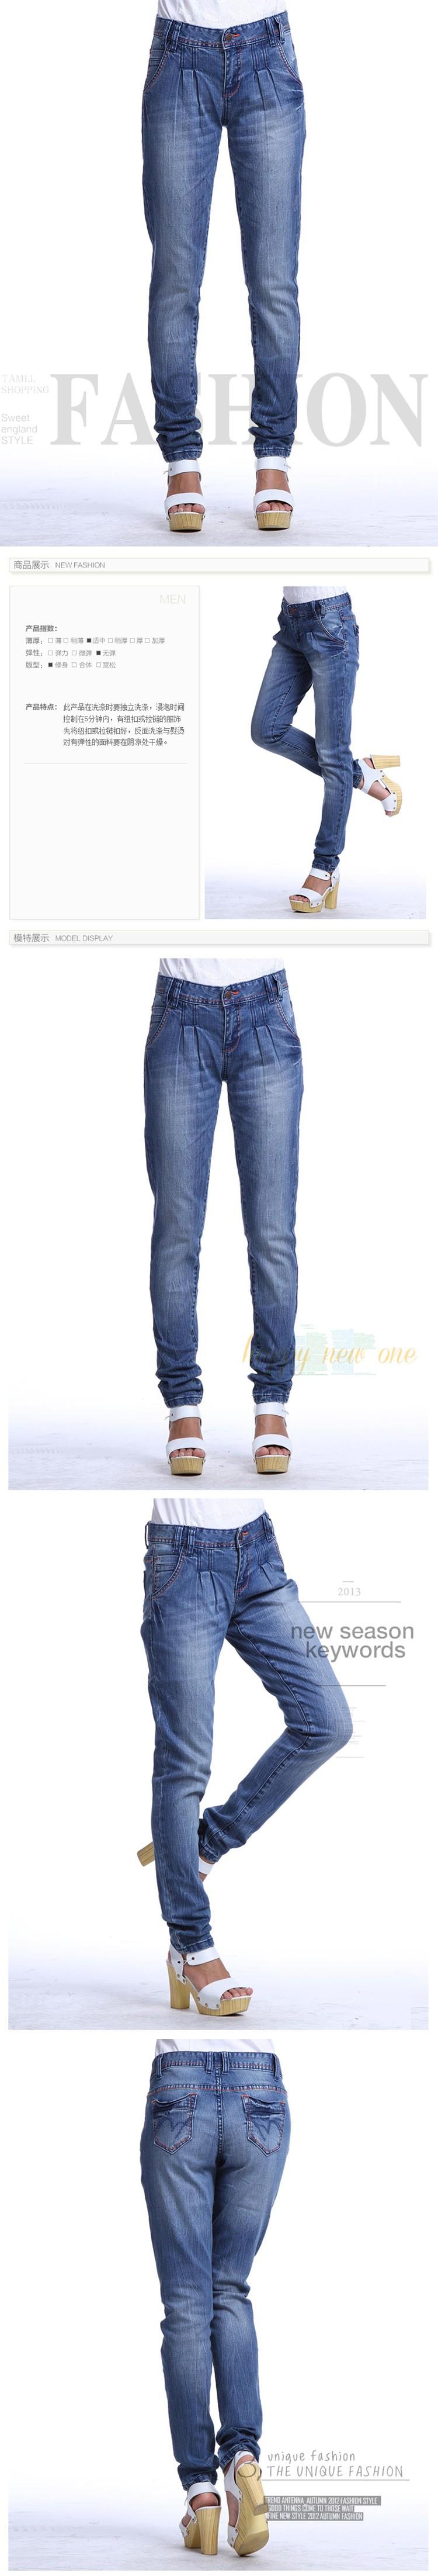 浅蓝 女款时尚水洗牛仔哈伦长裤